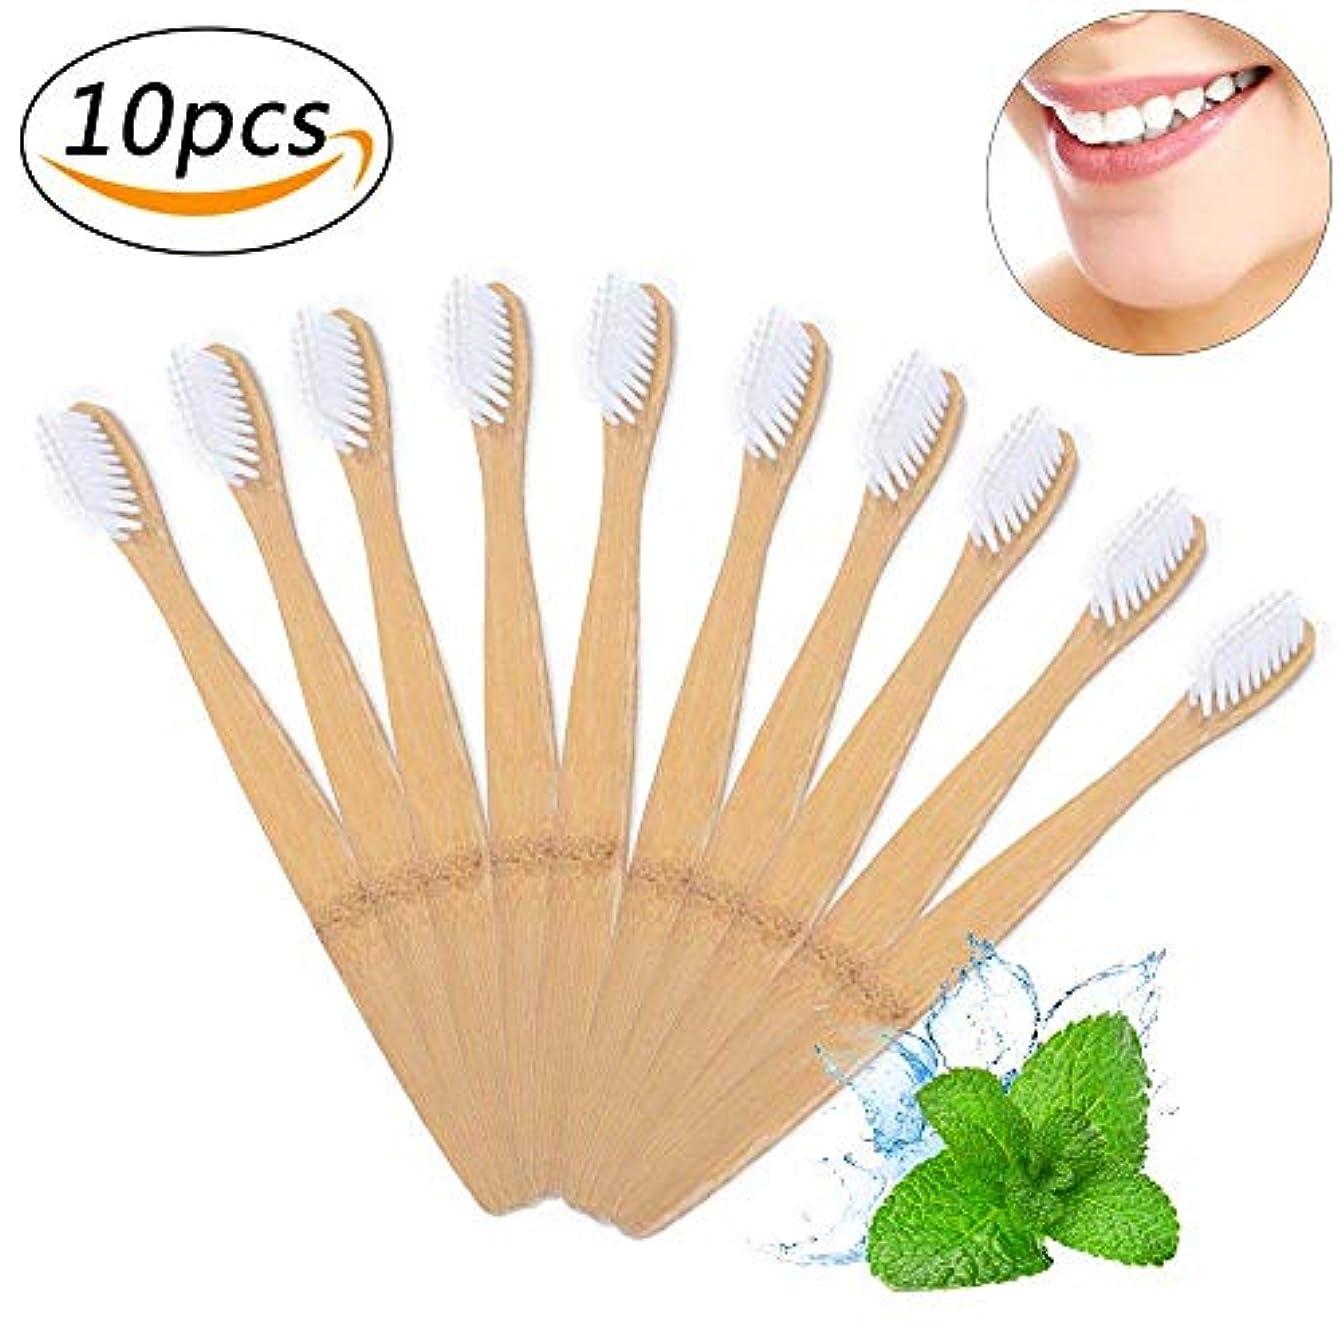 プレミア触覚拡散する竹の歯ブラシ 環境保護の歯ブラシ 柔らかいブラシ 分解性 耐久性 ホワイト 10本入